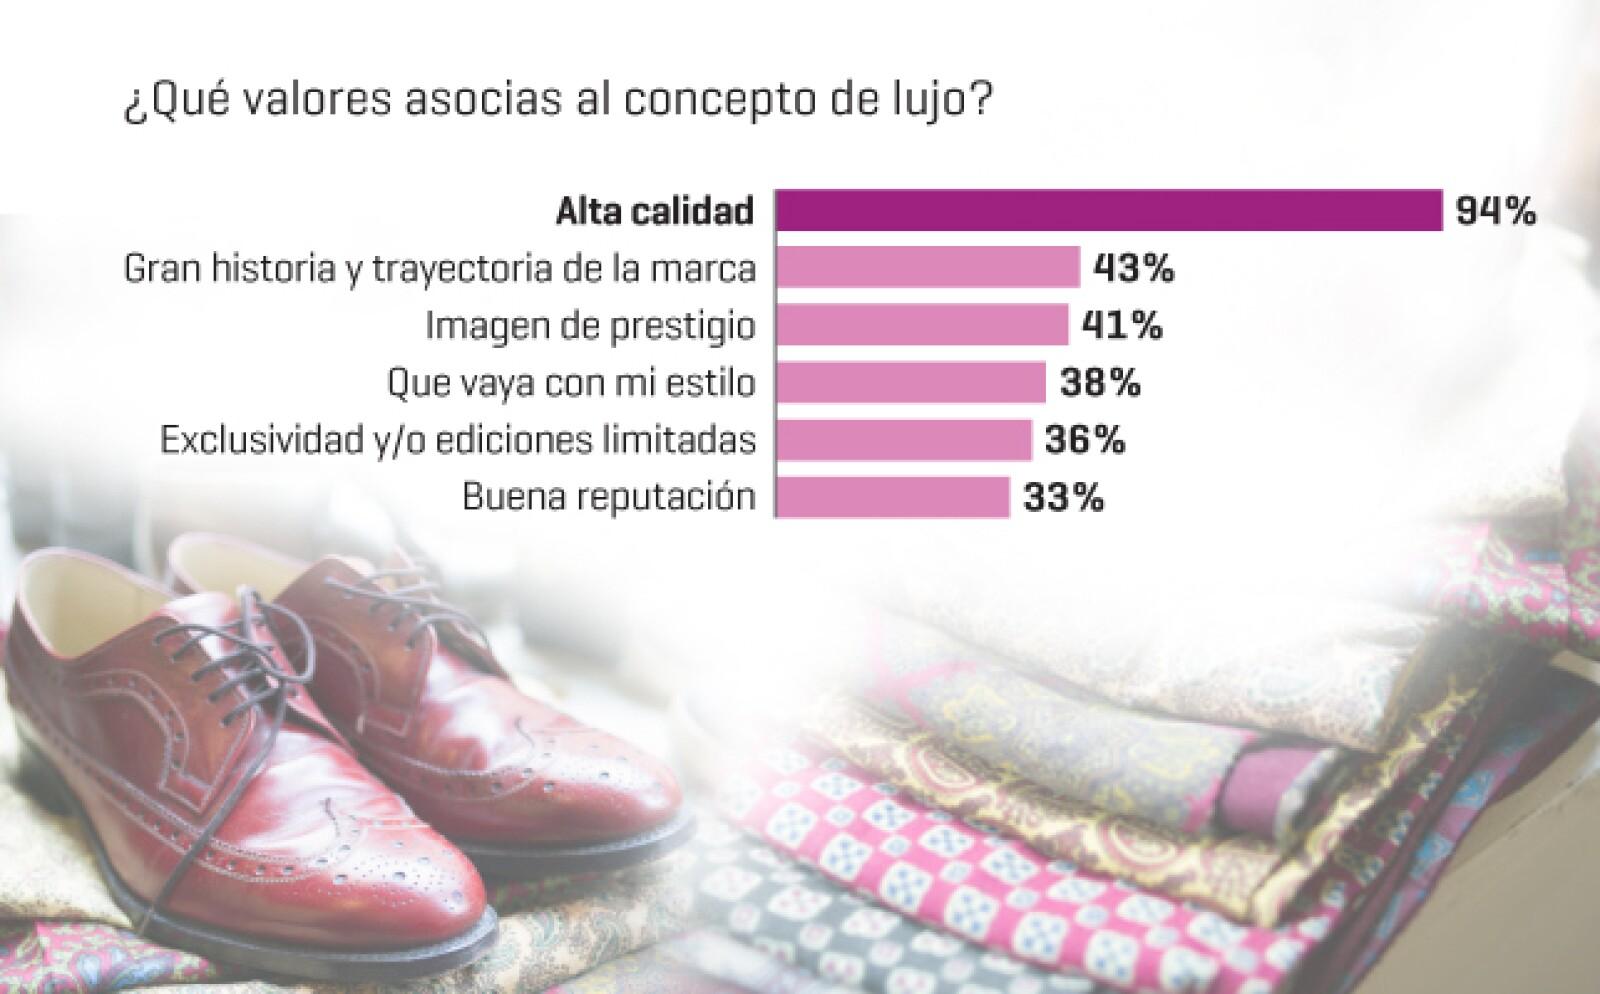 Lujo implica calidad en el producto, así lo definieron los 253 lectores encuestados por la revista Expansión, quienes asocian este concepto con dicha cualidad.